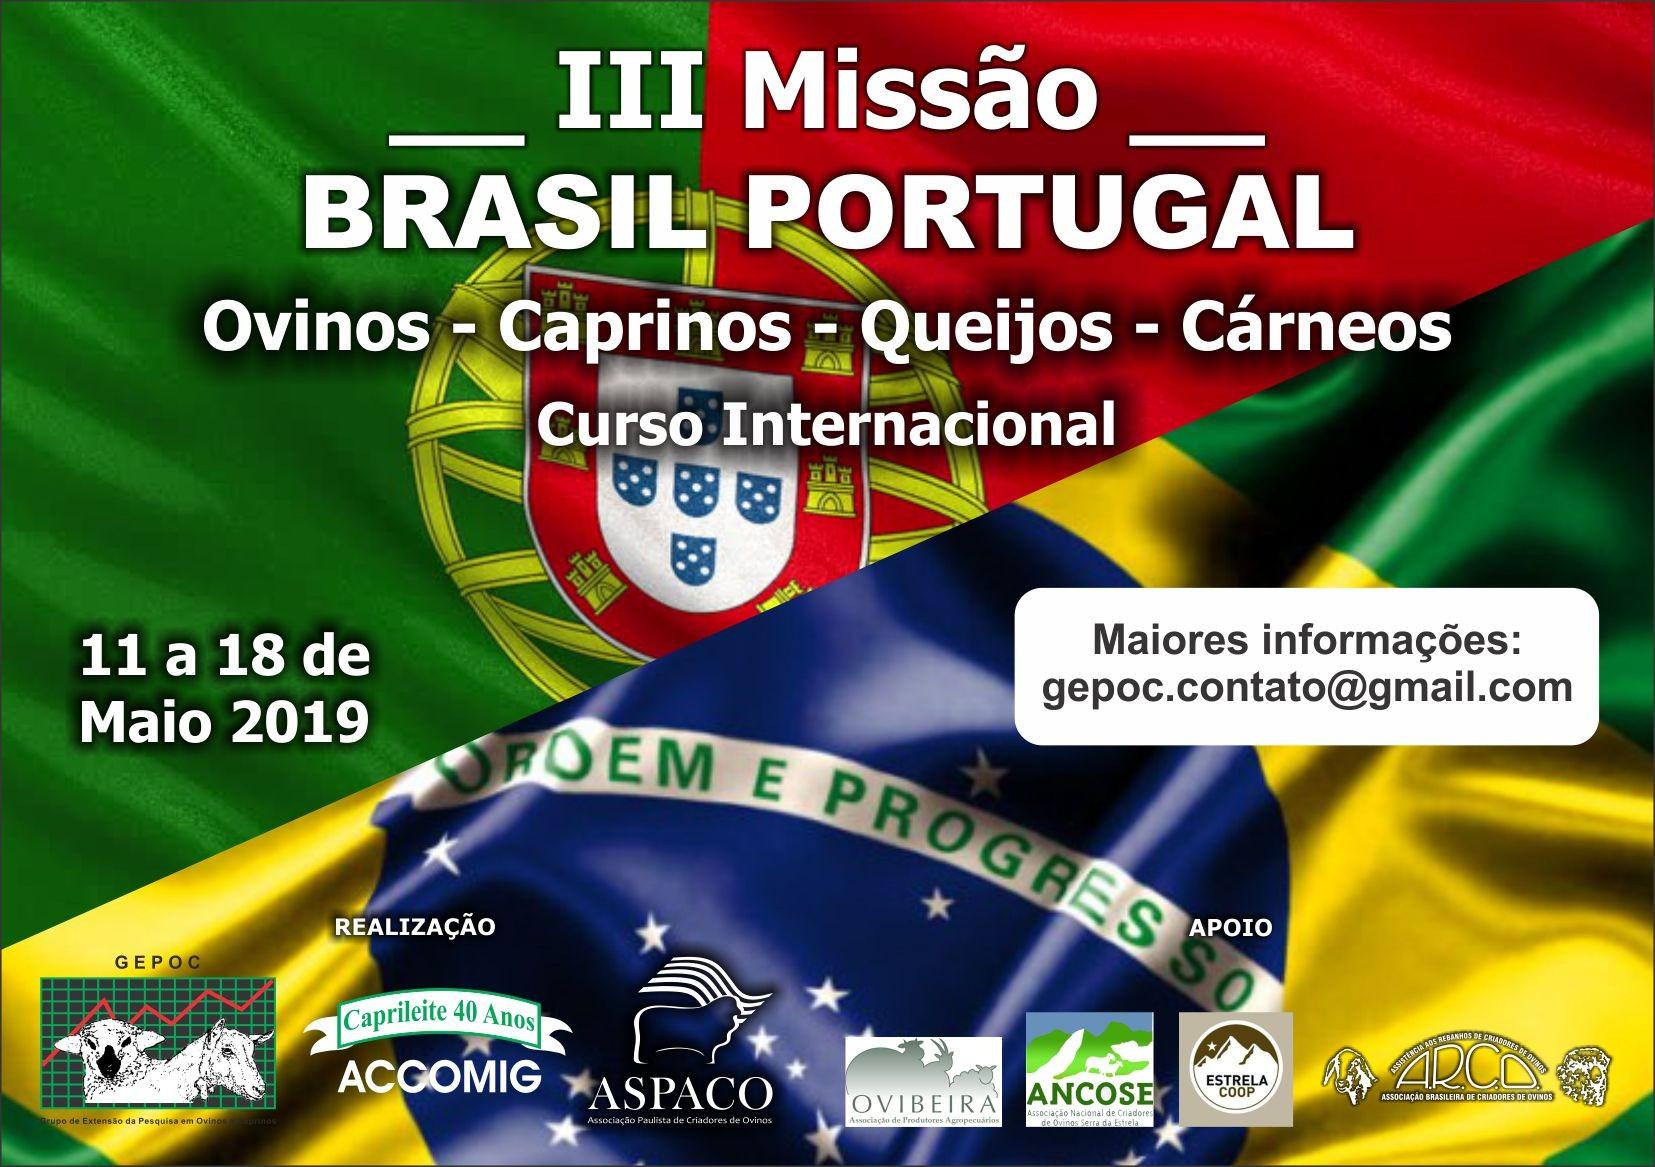 III MISSÃO BRASIL PORTUGAL 11 a 18 DE MAIO DE 2019 PARTICIPE!